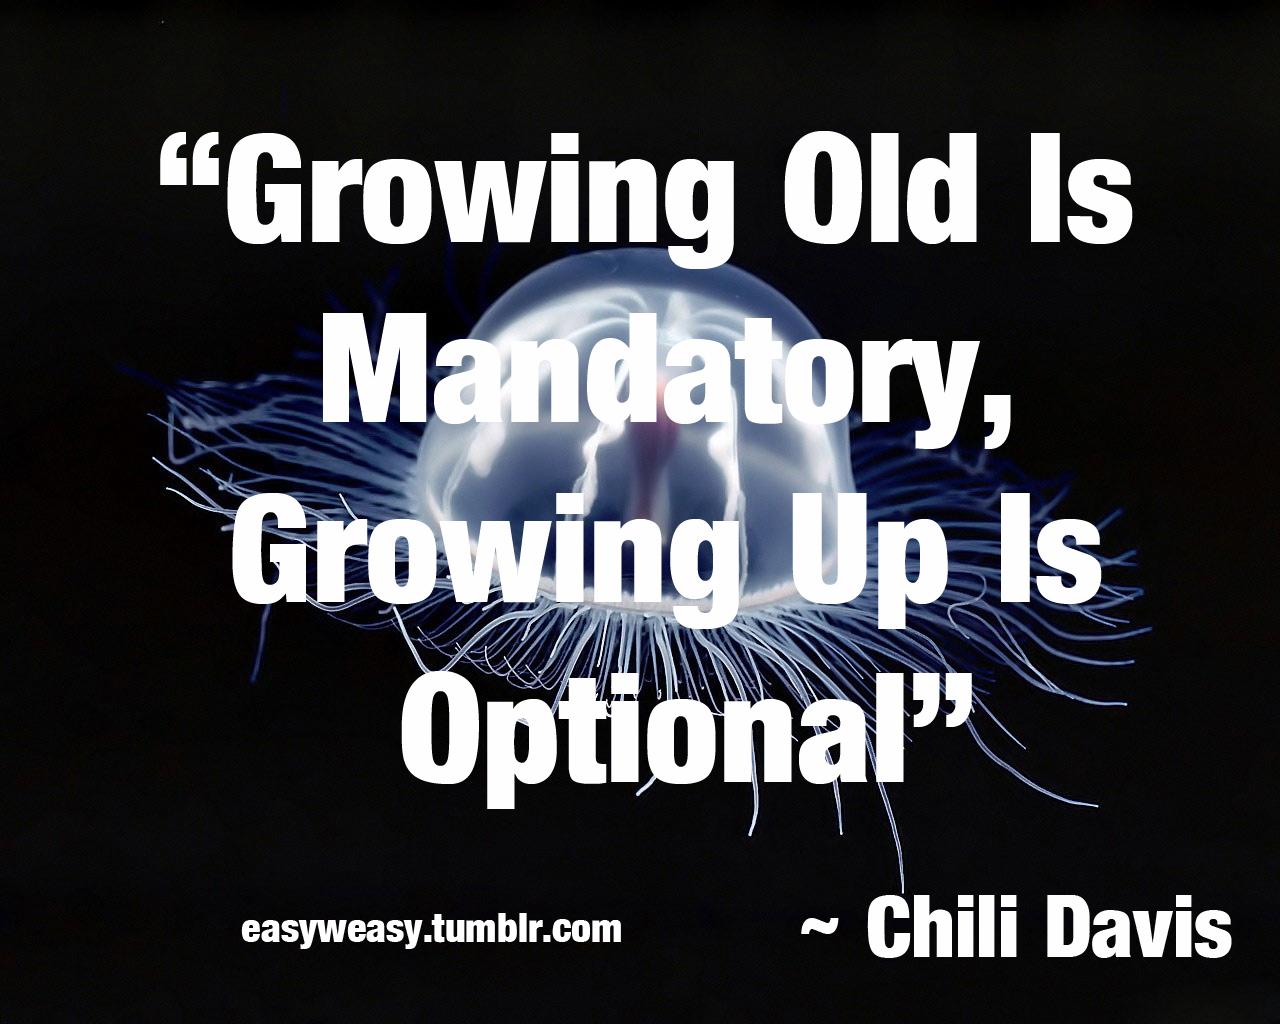 Chili Davis's quote #5